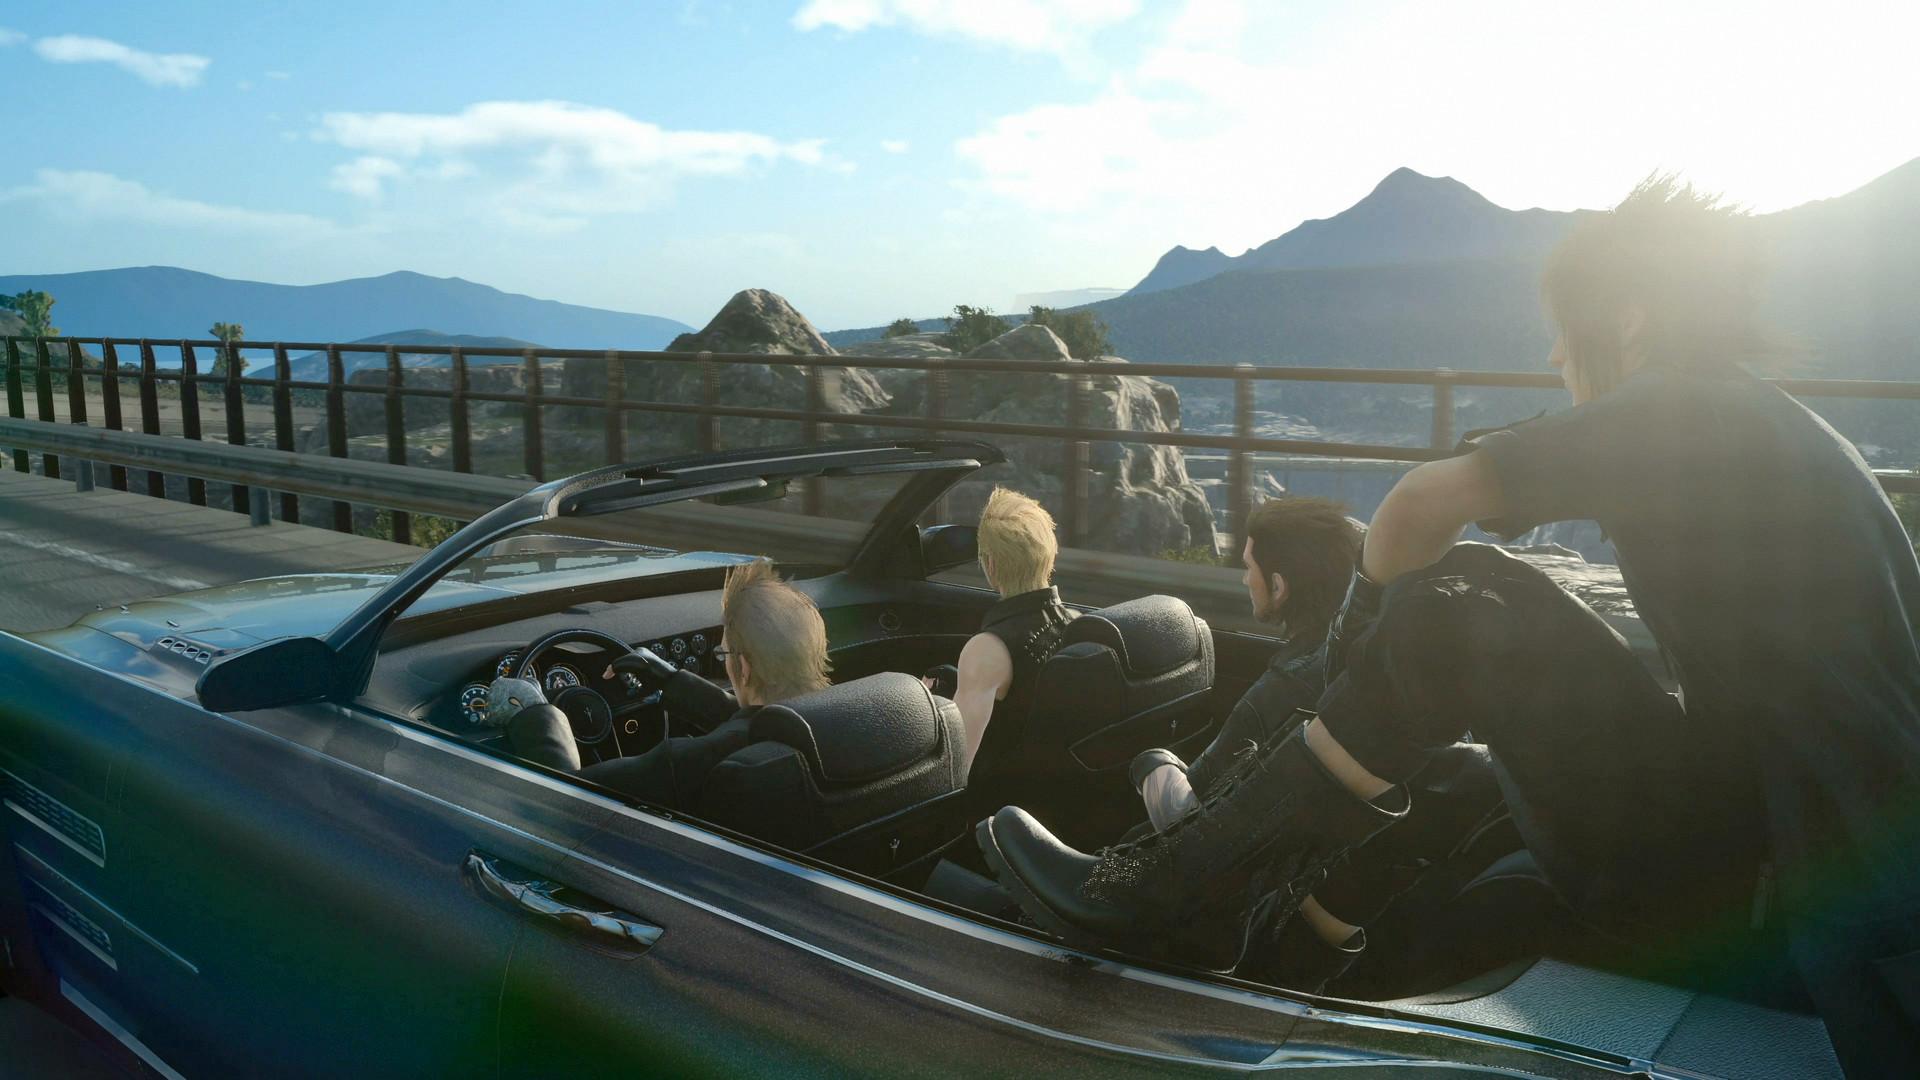 سی دی کی اریجینال استیم بازی Final Fantasy XV - Windows Edition